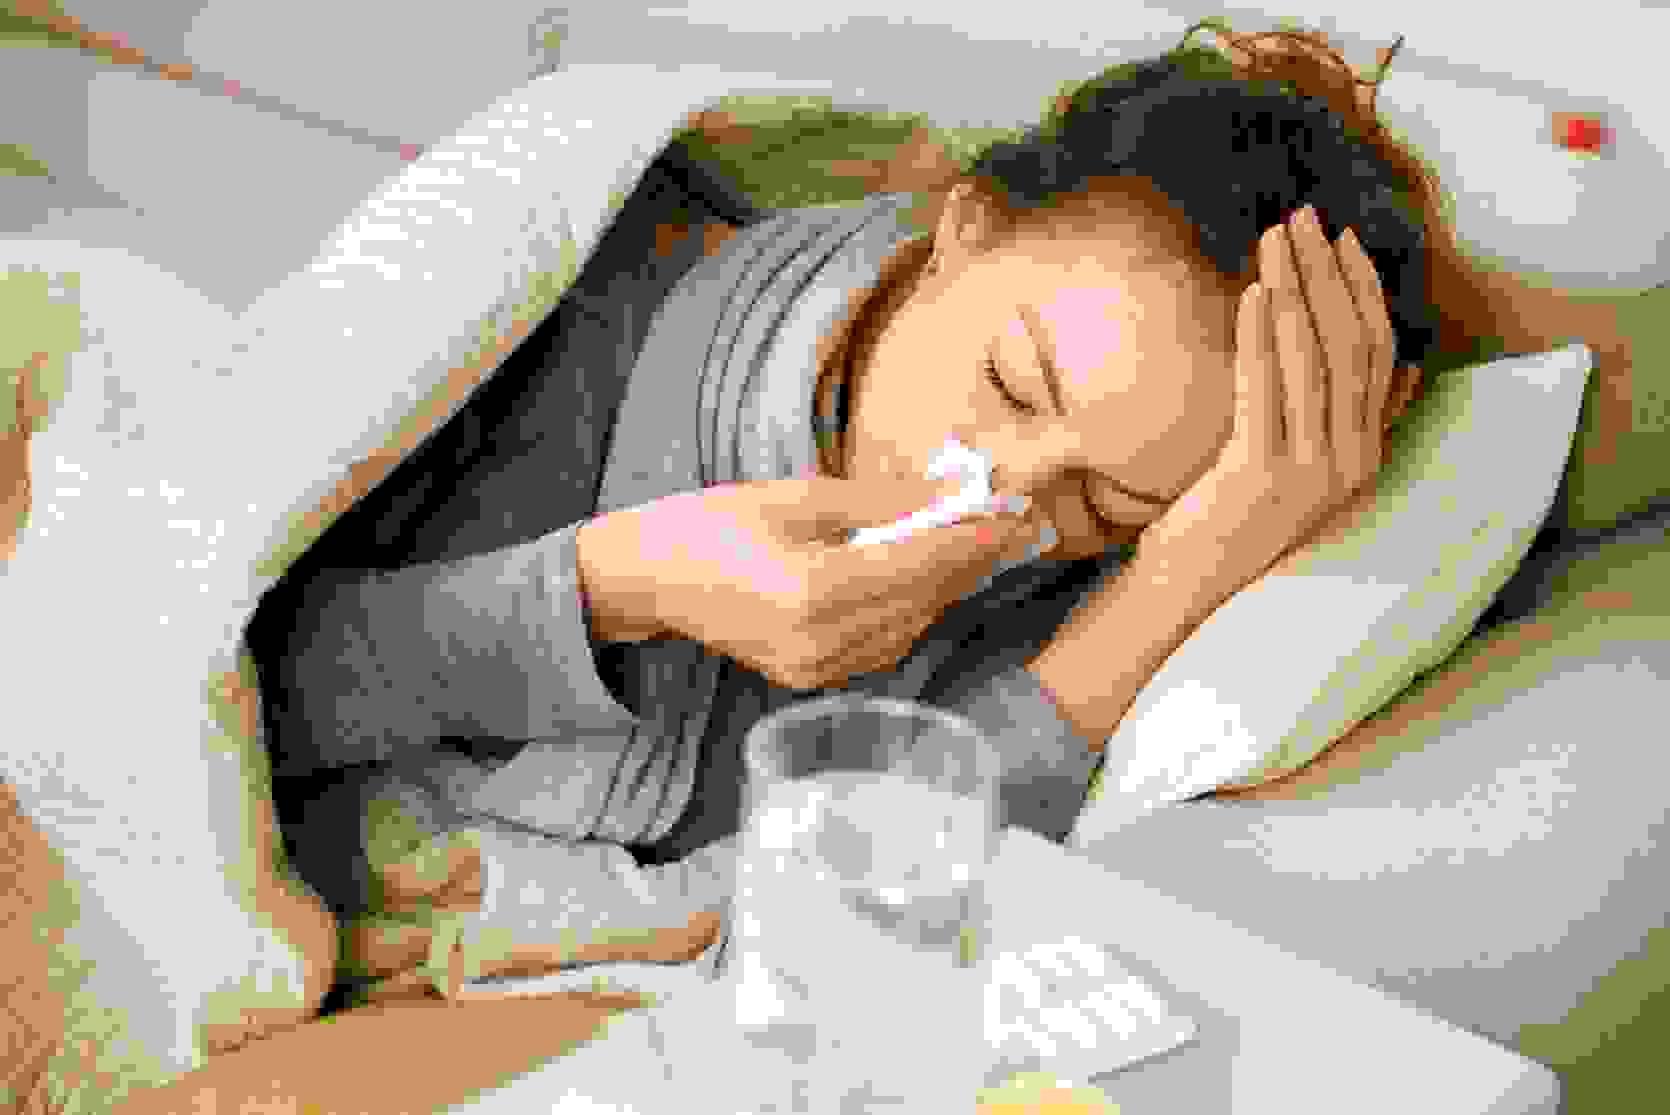 Làm sao để biết được Cảm cúm hay là Viêm xoang dị ứng? 1